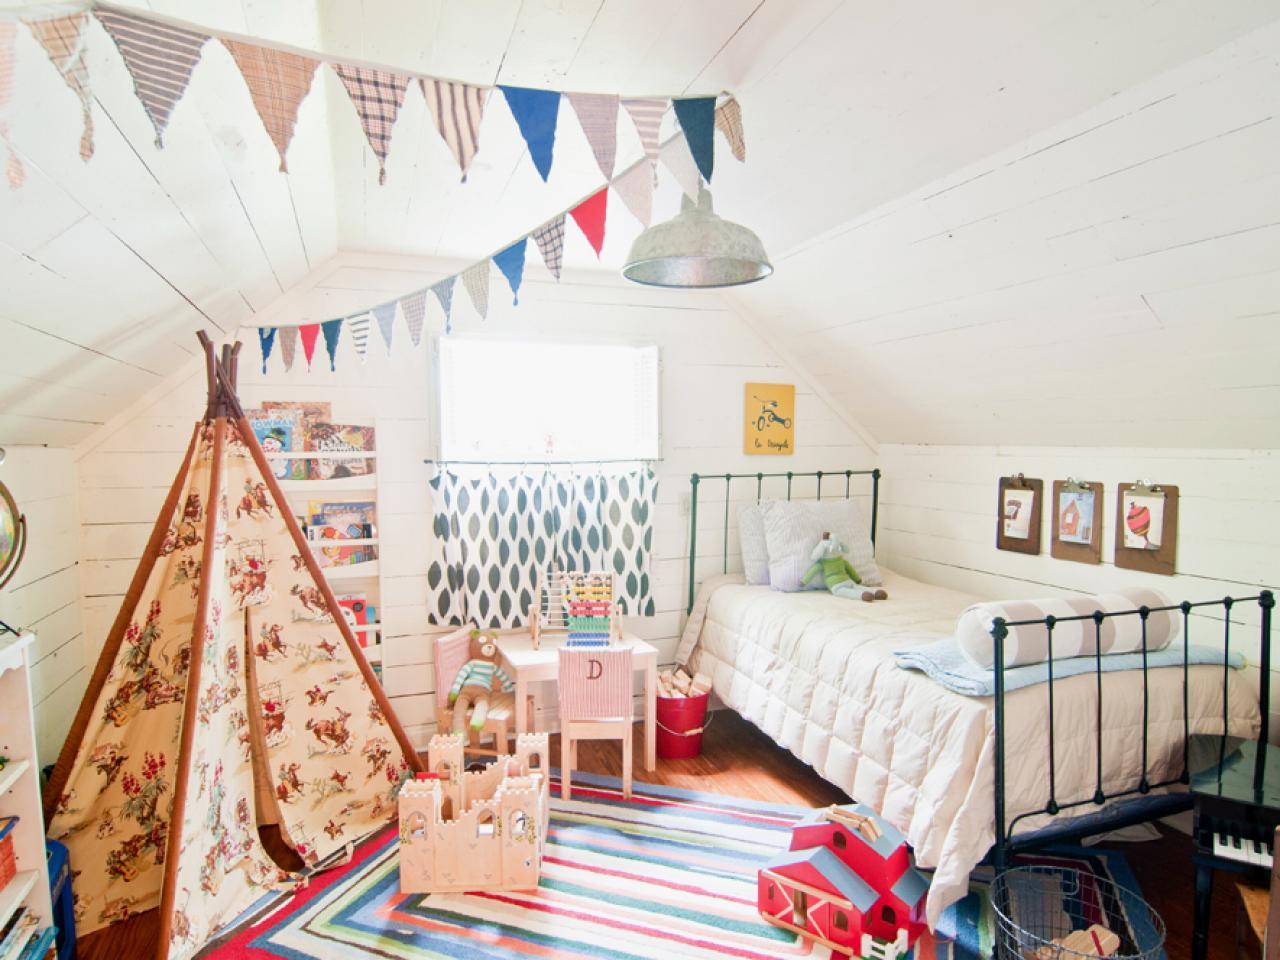 Ez is egy klassz szoba - Design by Holly Mathis, fotó: hgtv.com -, de hol vannak az apró játékok, amik mindig elborítják a szőnyeget?